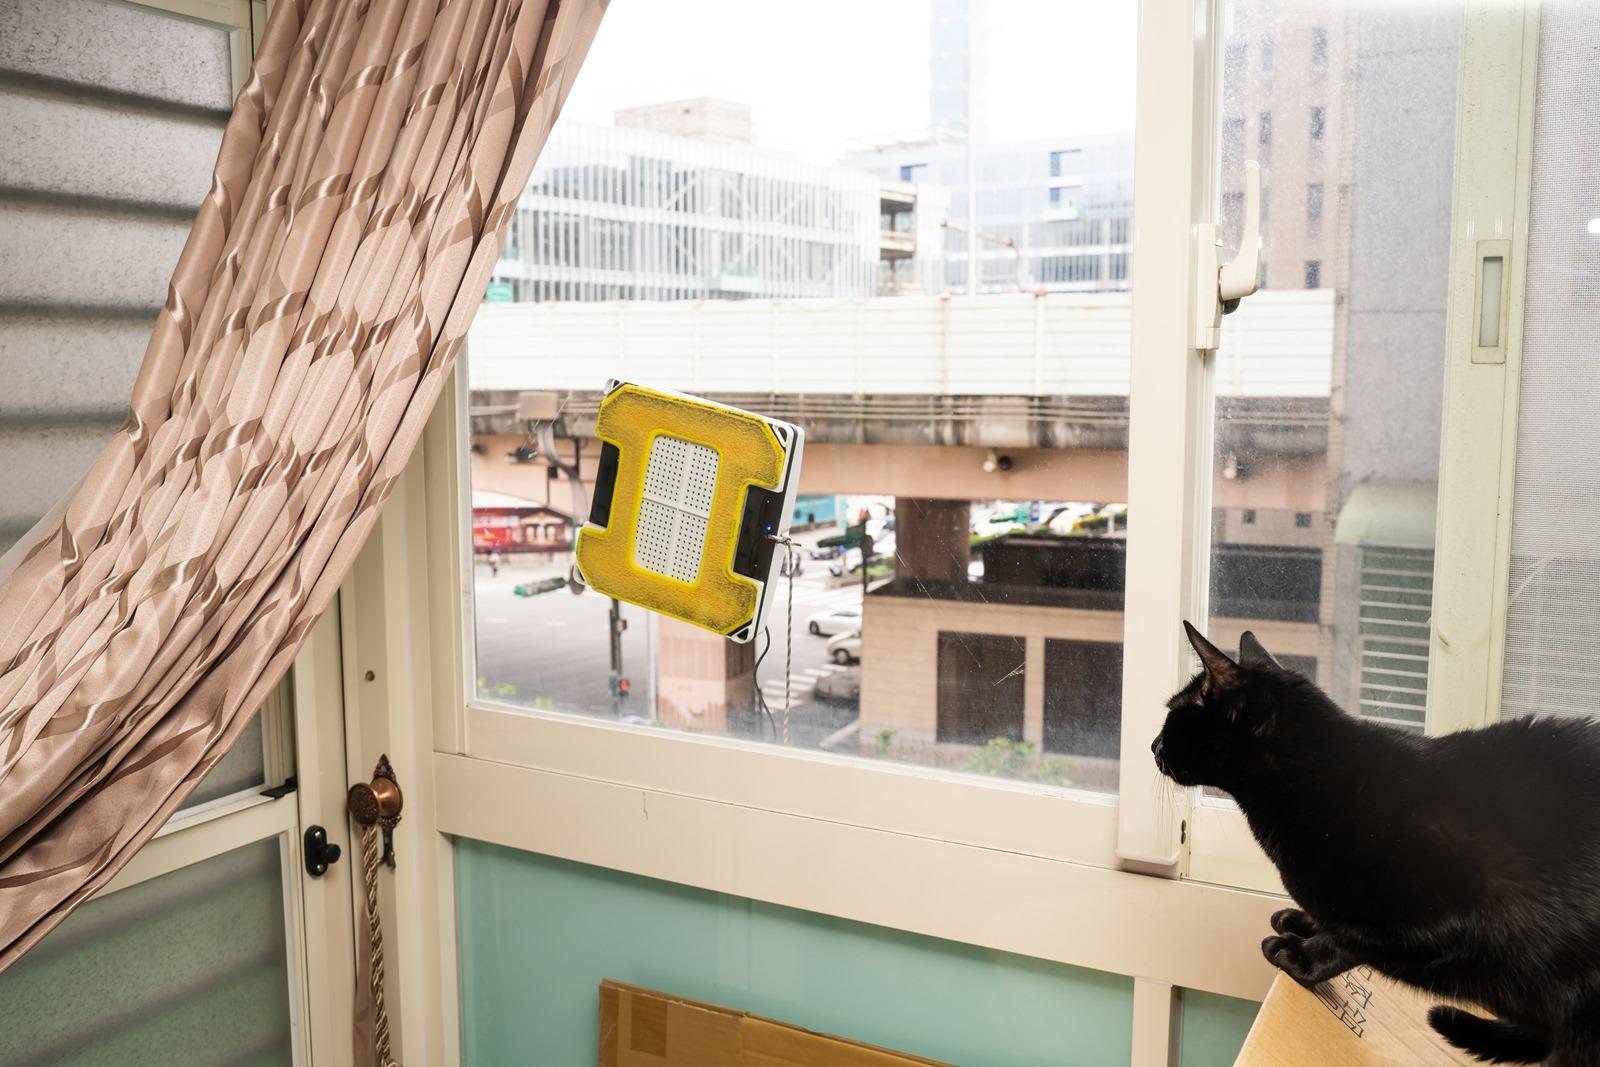 年終掃除不想擦窗戶?直接交給玻妞 HOBOT 298 超音波噴水擦窗機器人吧!還你潔淨光透玻璃,清爽一整年 @3C 達人廖阿輝